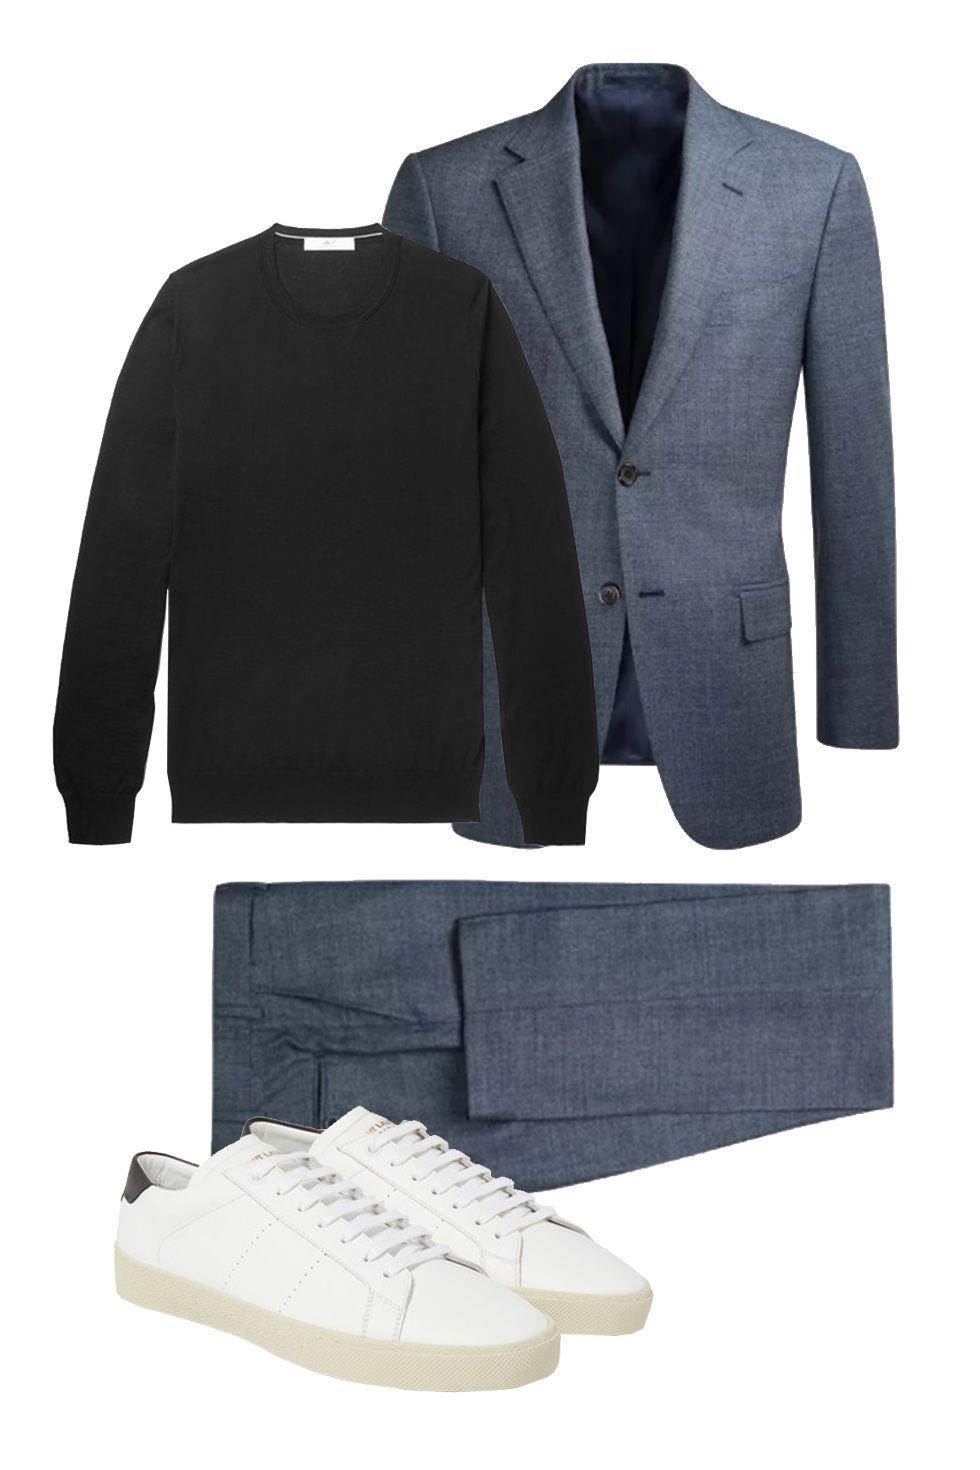 Mens Shiny Suits Blazer Bar Coat Jacket /&Pant Dress Formal Slim Party Club Suit